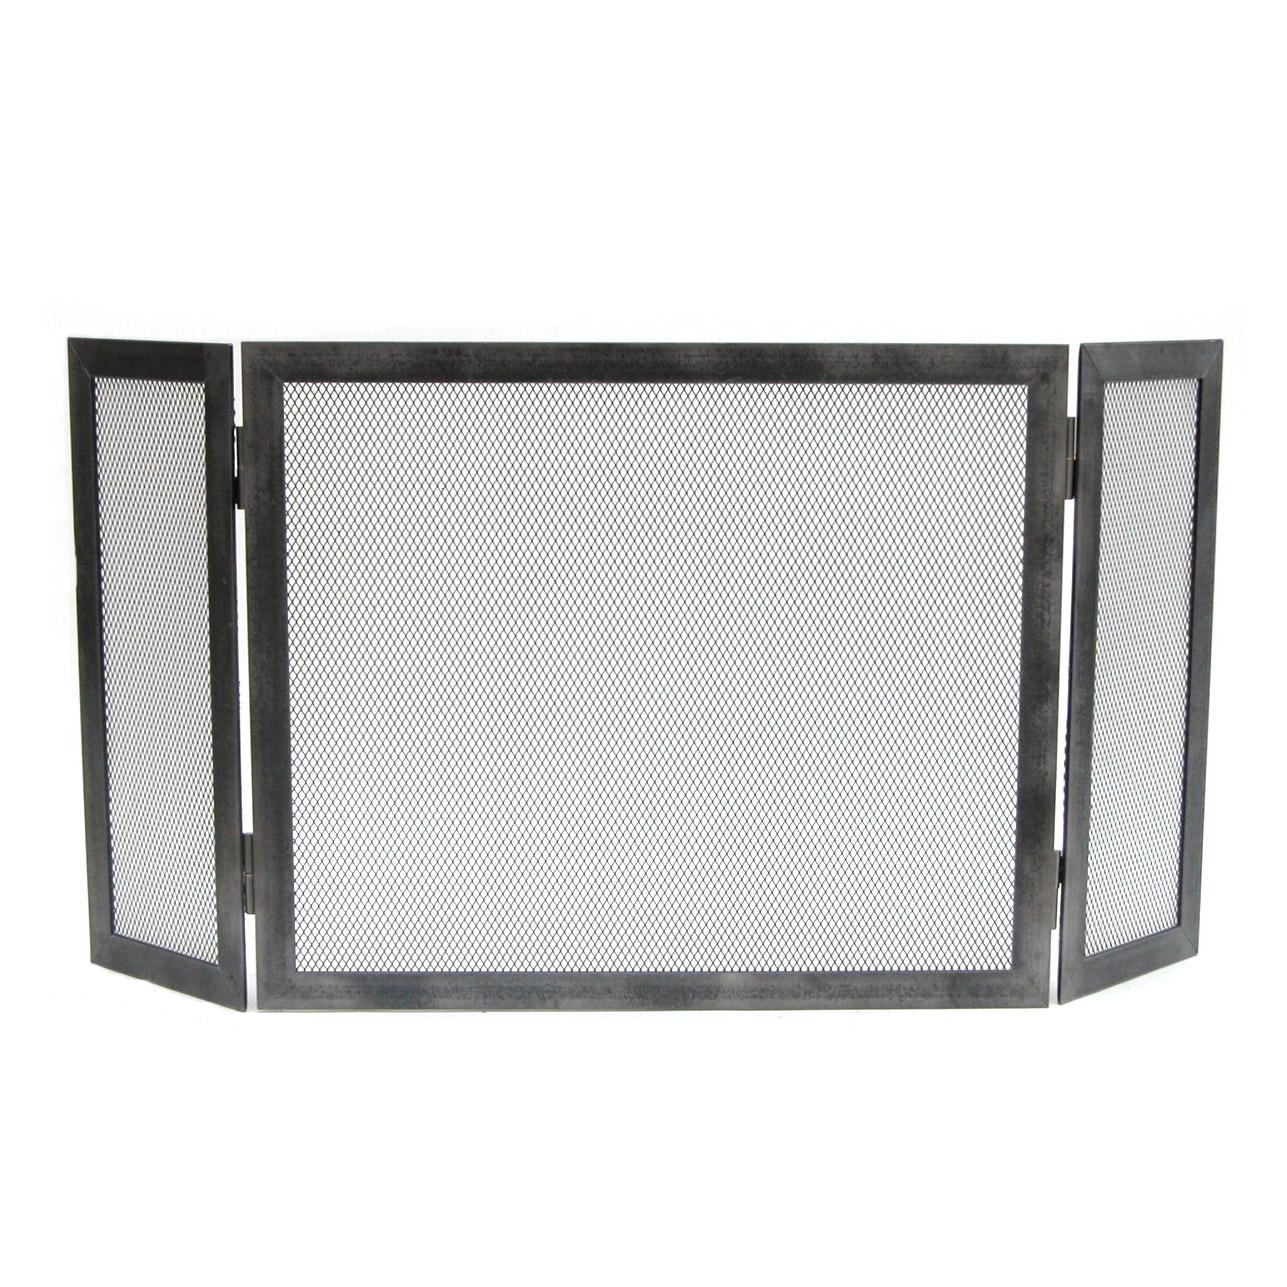 le marquier pare feu trypique 3 volets en fer 50 x 100 cm comparer avec. Black Bedroom Furniture Sets. Home Design Ideas